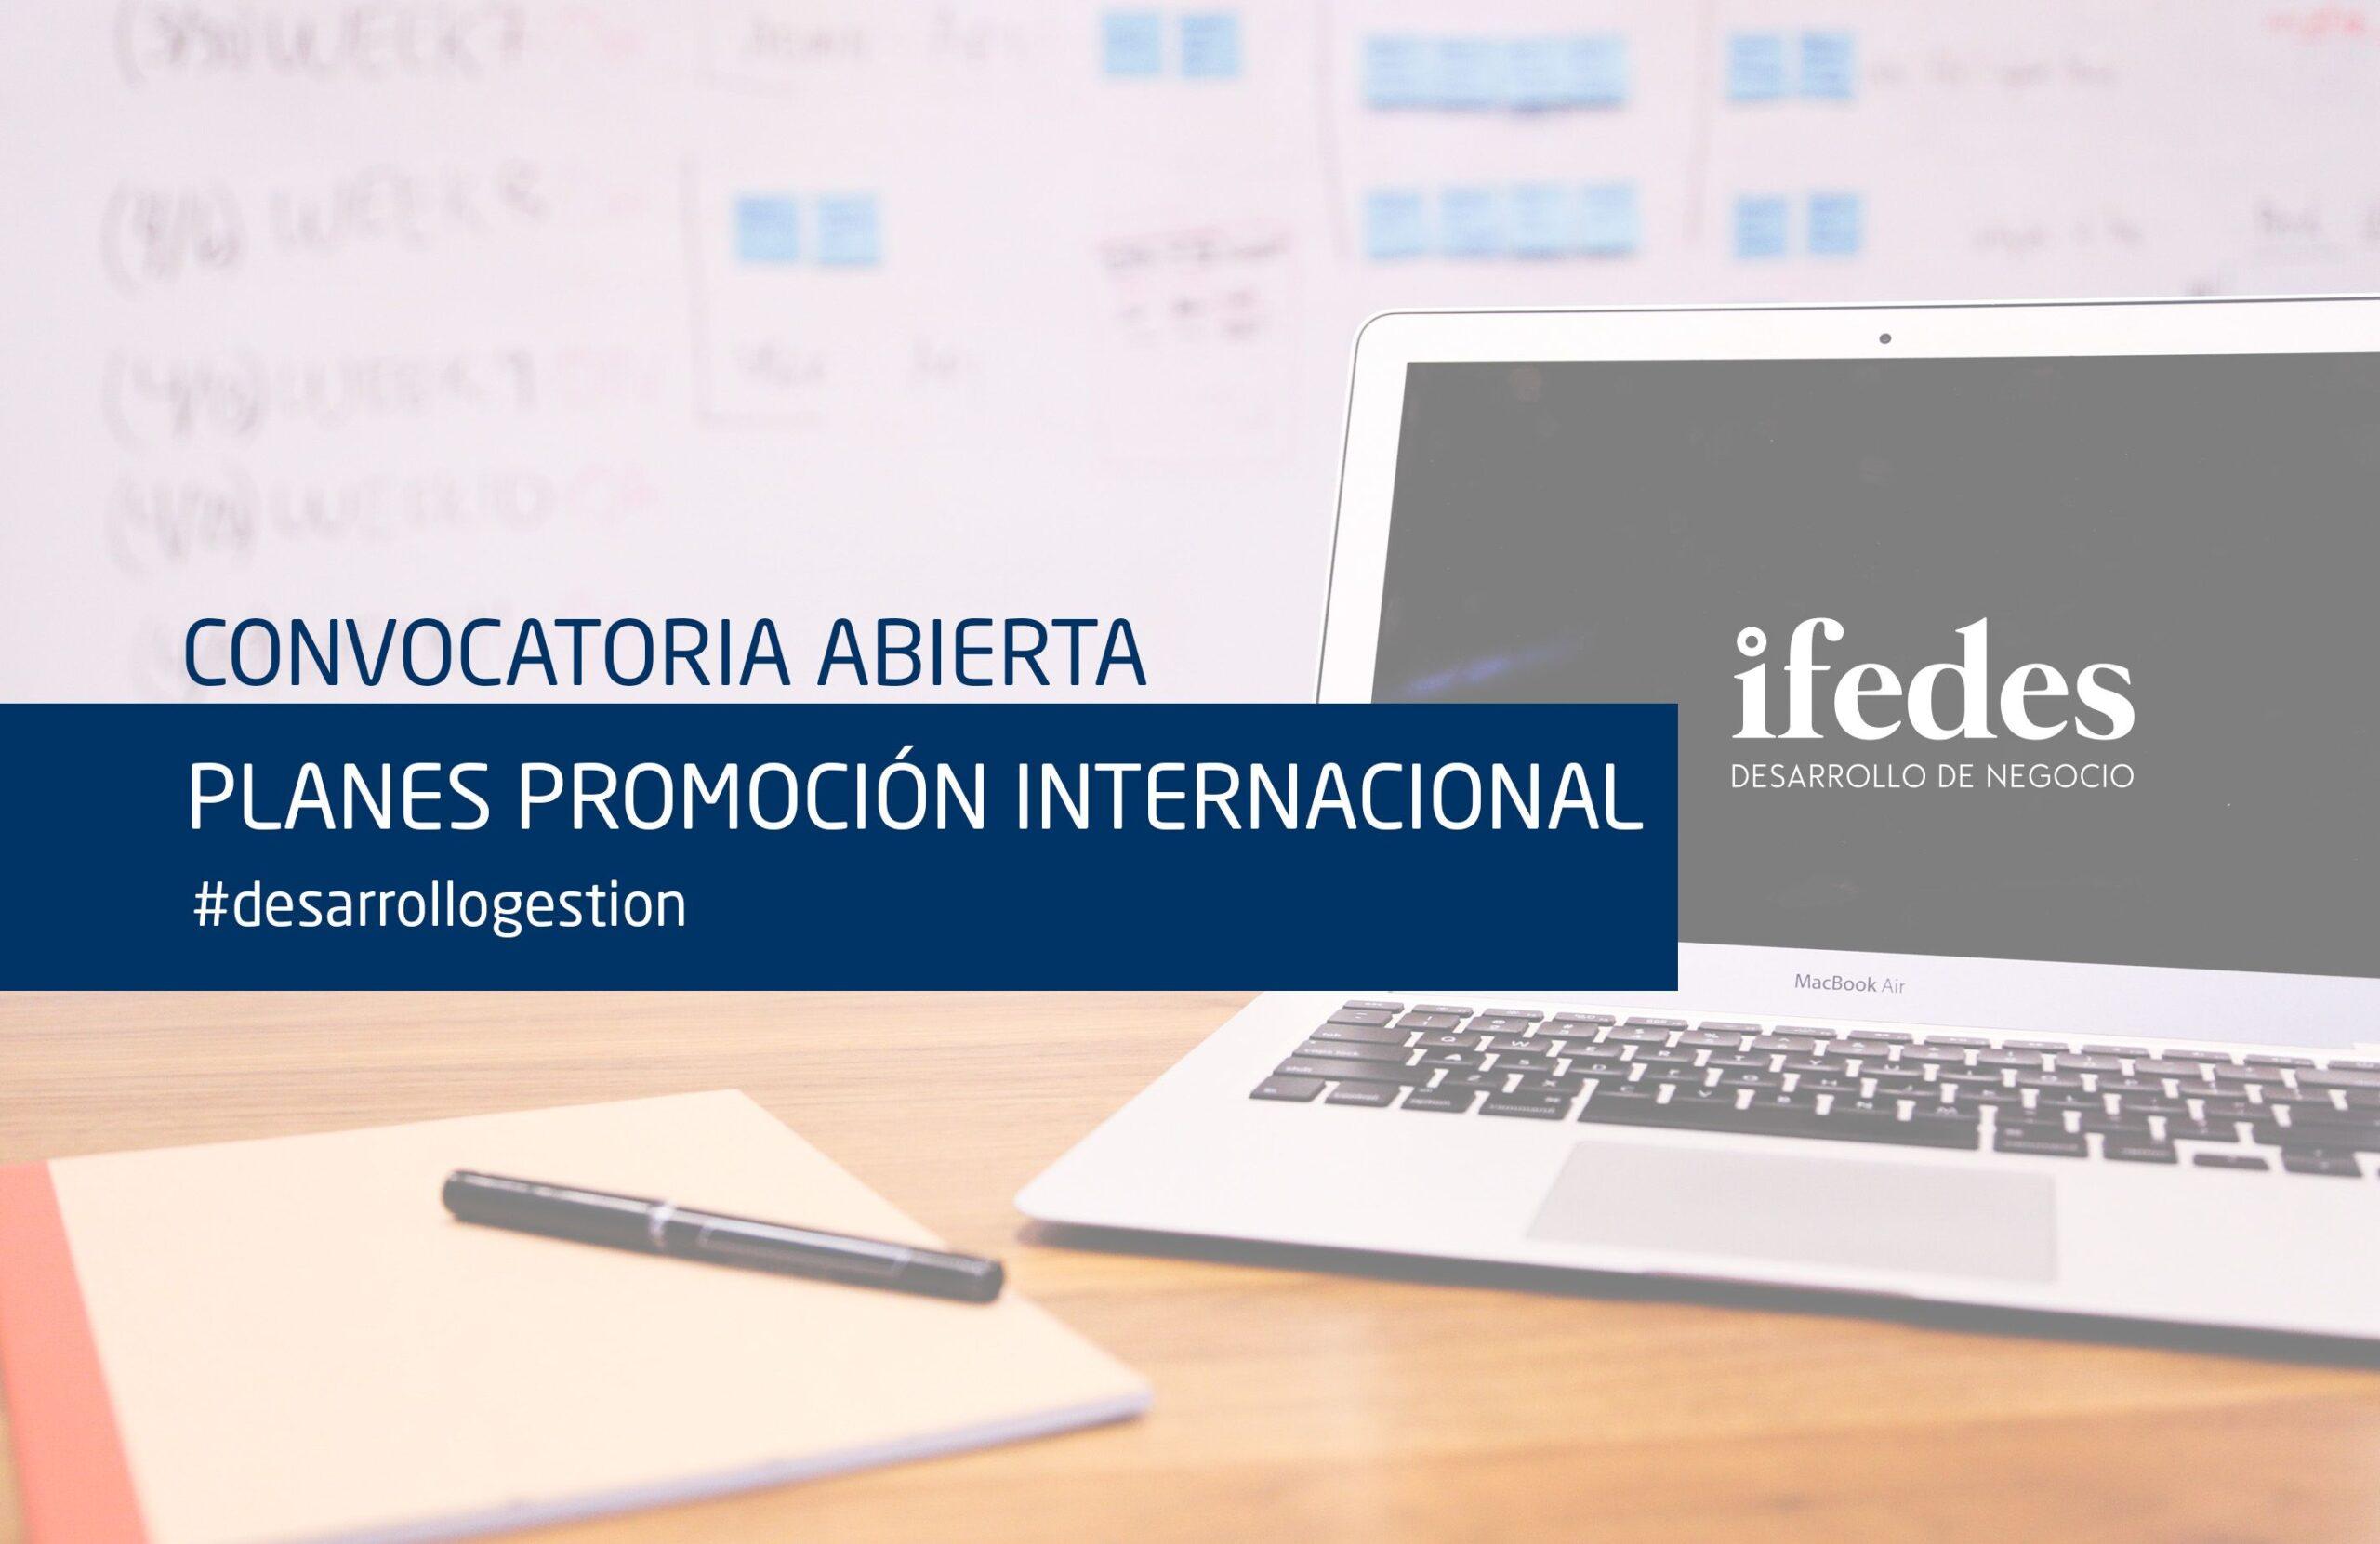 ayuda-promocion-internacional